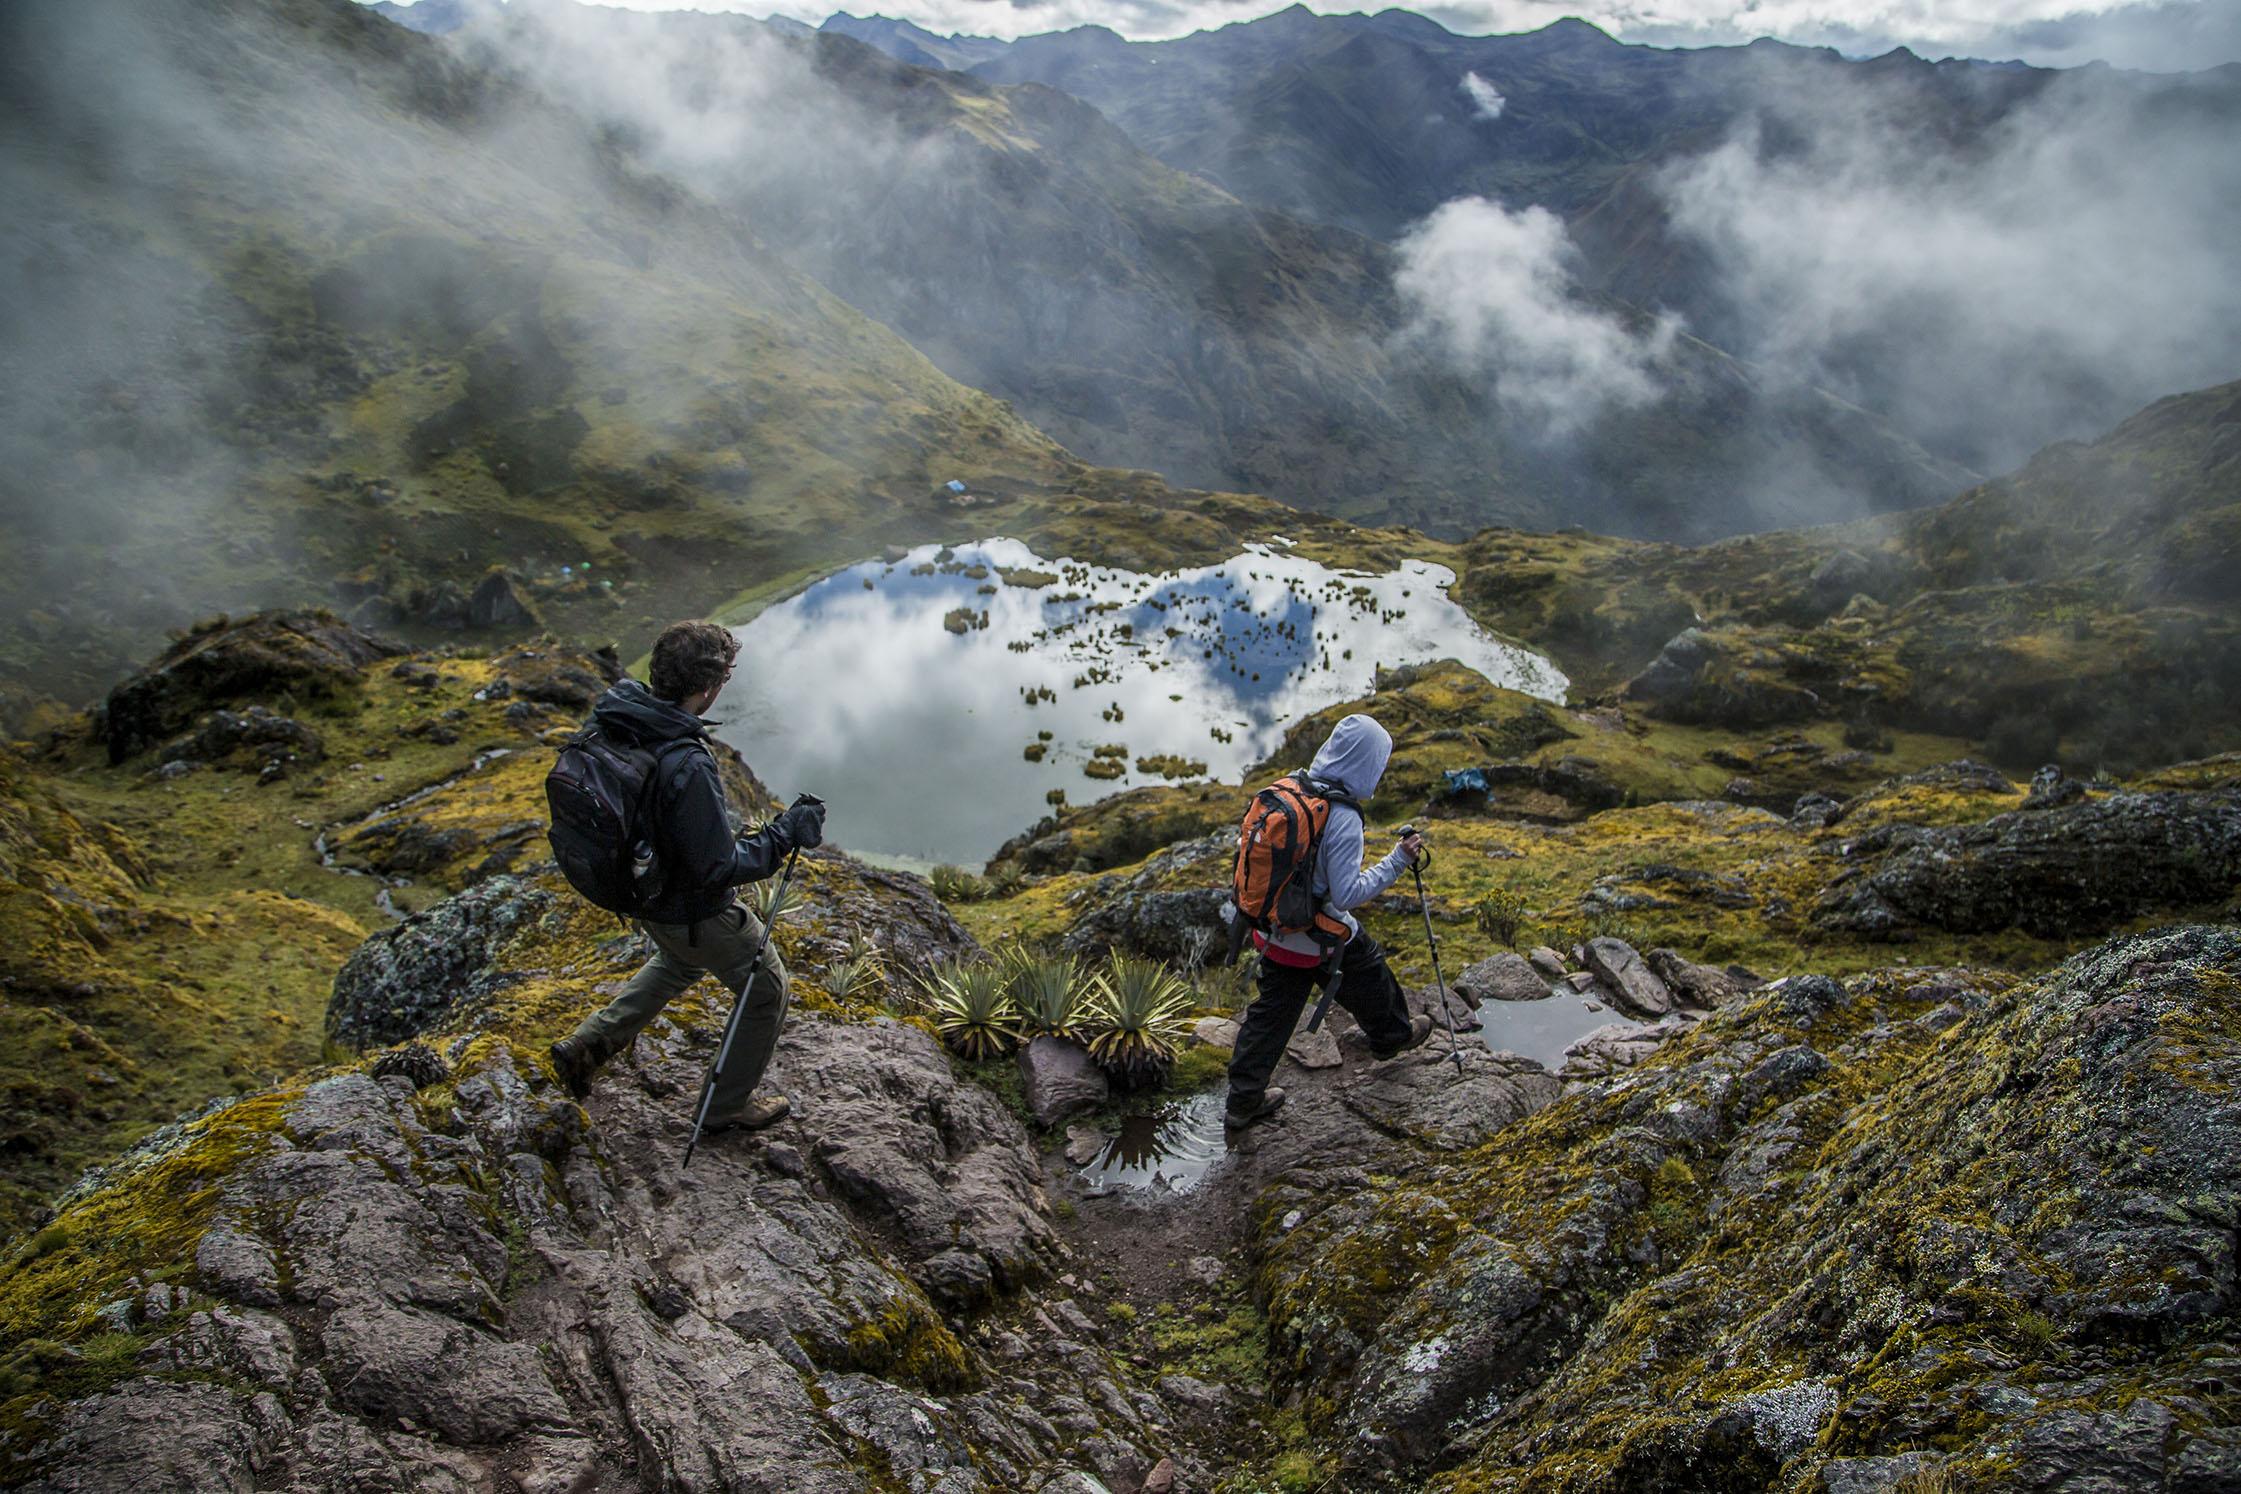 Experimenta el turismo de aventura con seguridad